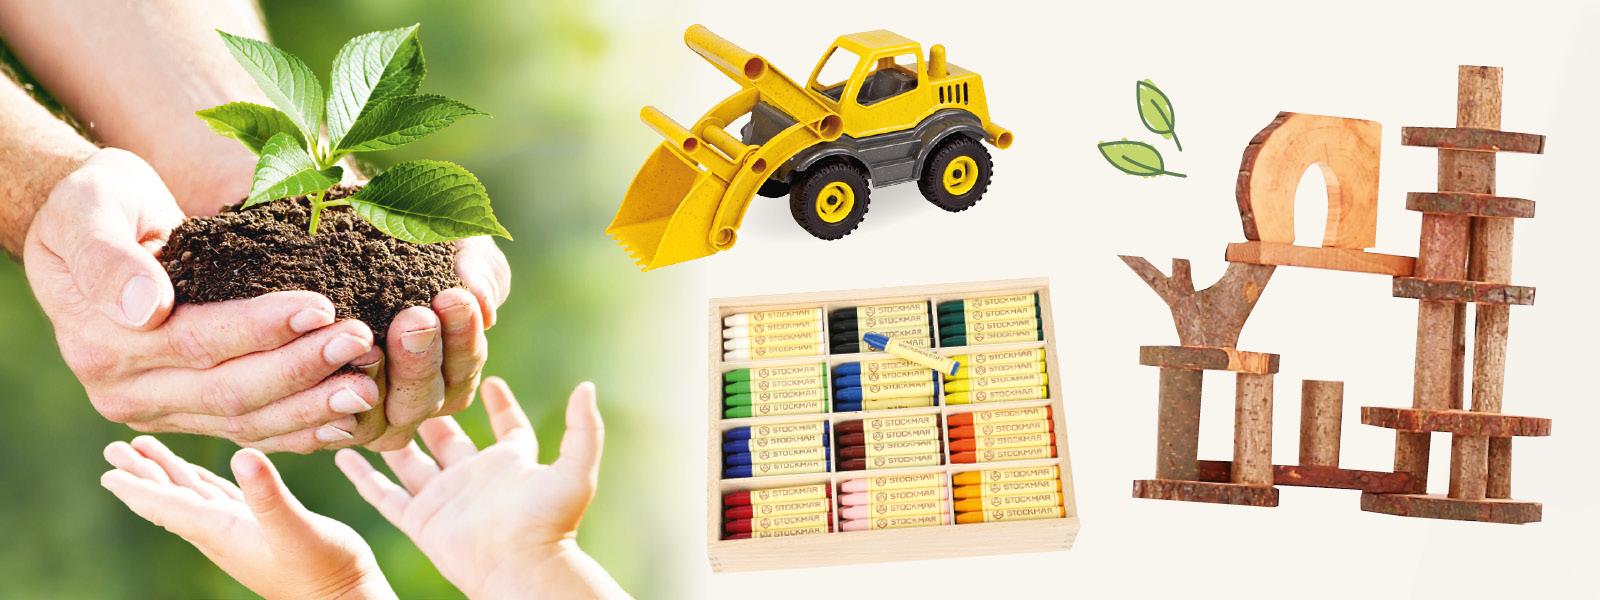 AUREDNIK - unsere nachhaltigen Produkte